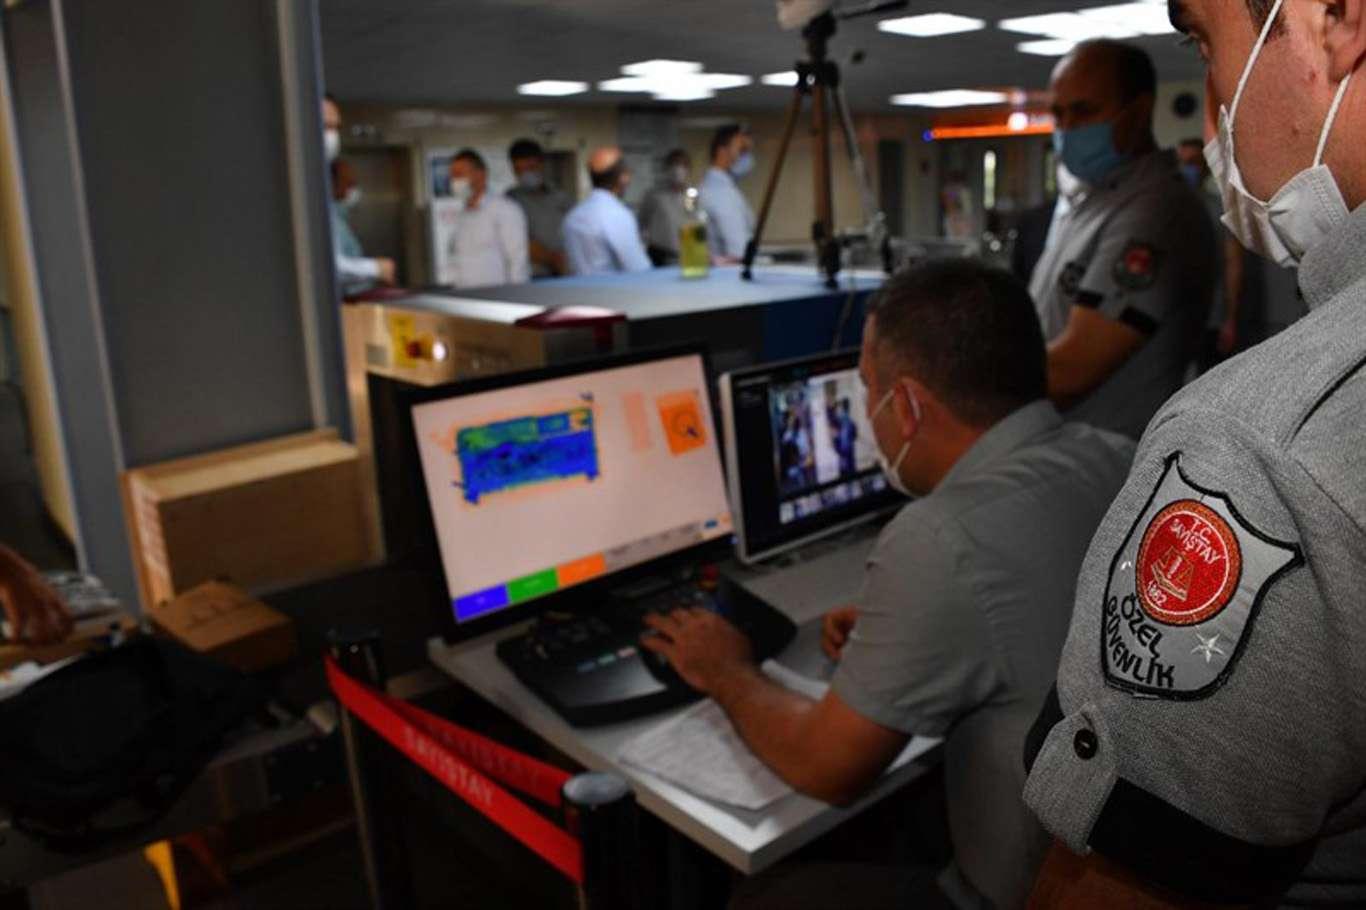 Emniyet ve özel güvenlik arasında işbirliği projesi: Konut sitelerinde devreye alındı